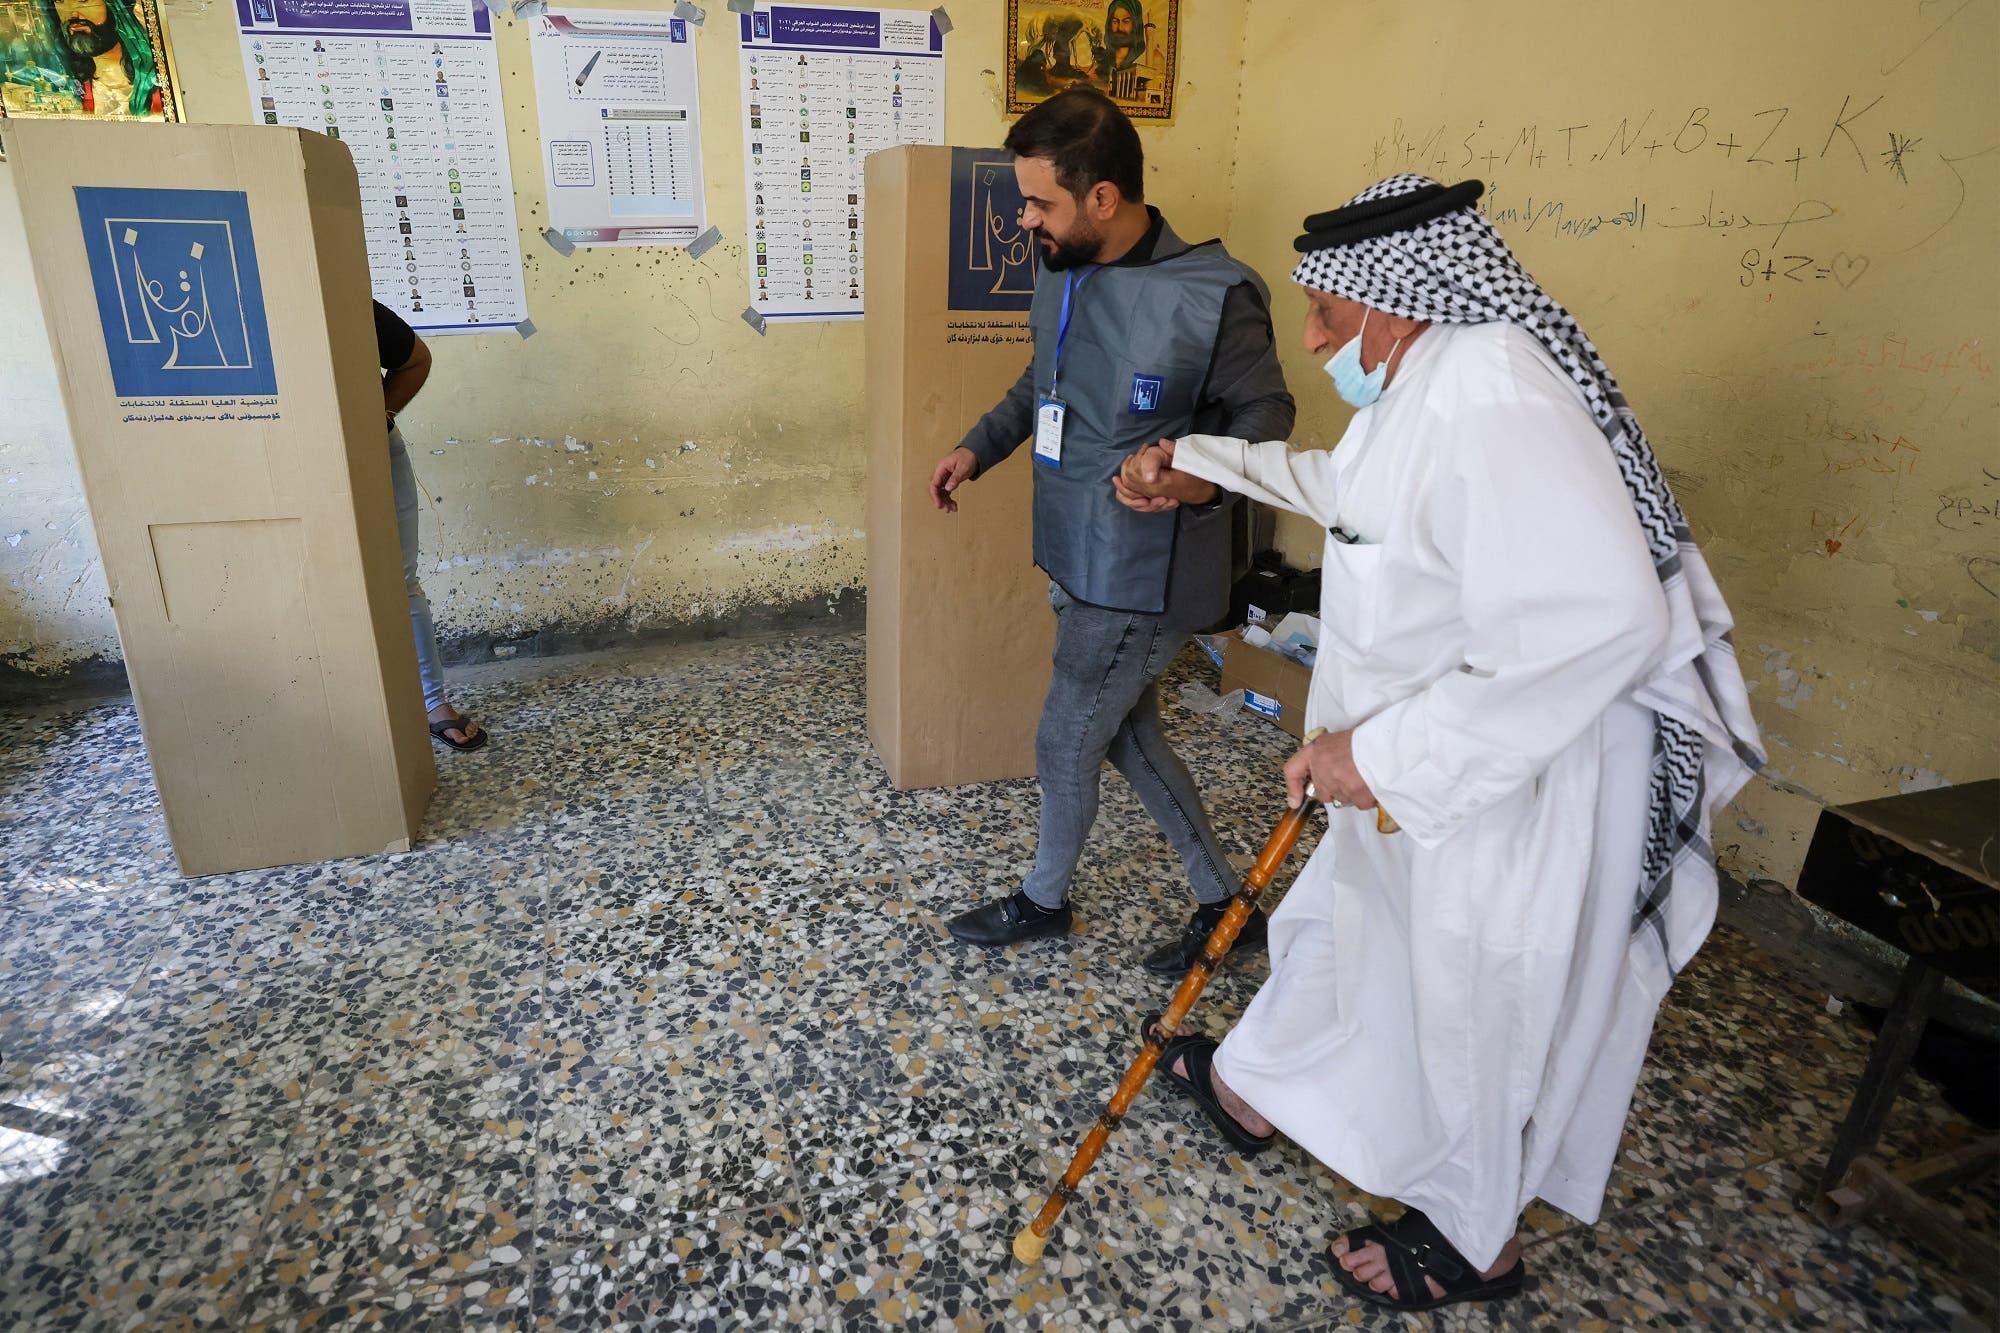 من مركز اقتراع في بغداد (أرشيفية من فرانس برس)